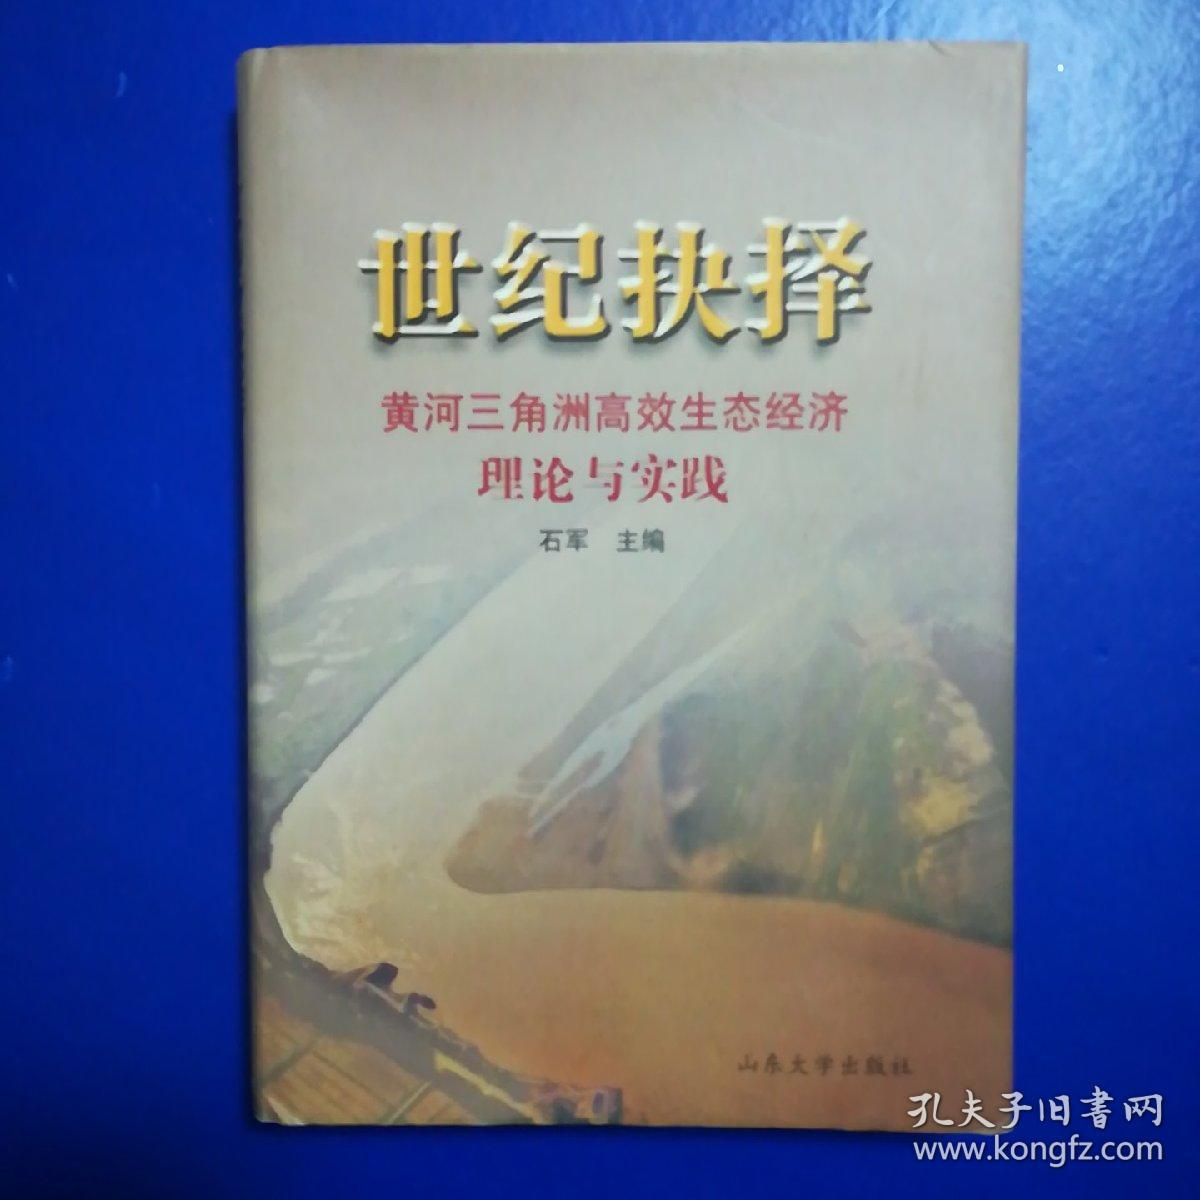 世纪抉择:黄河三角洲高效生态经济理论与实践